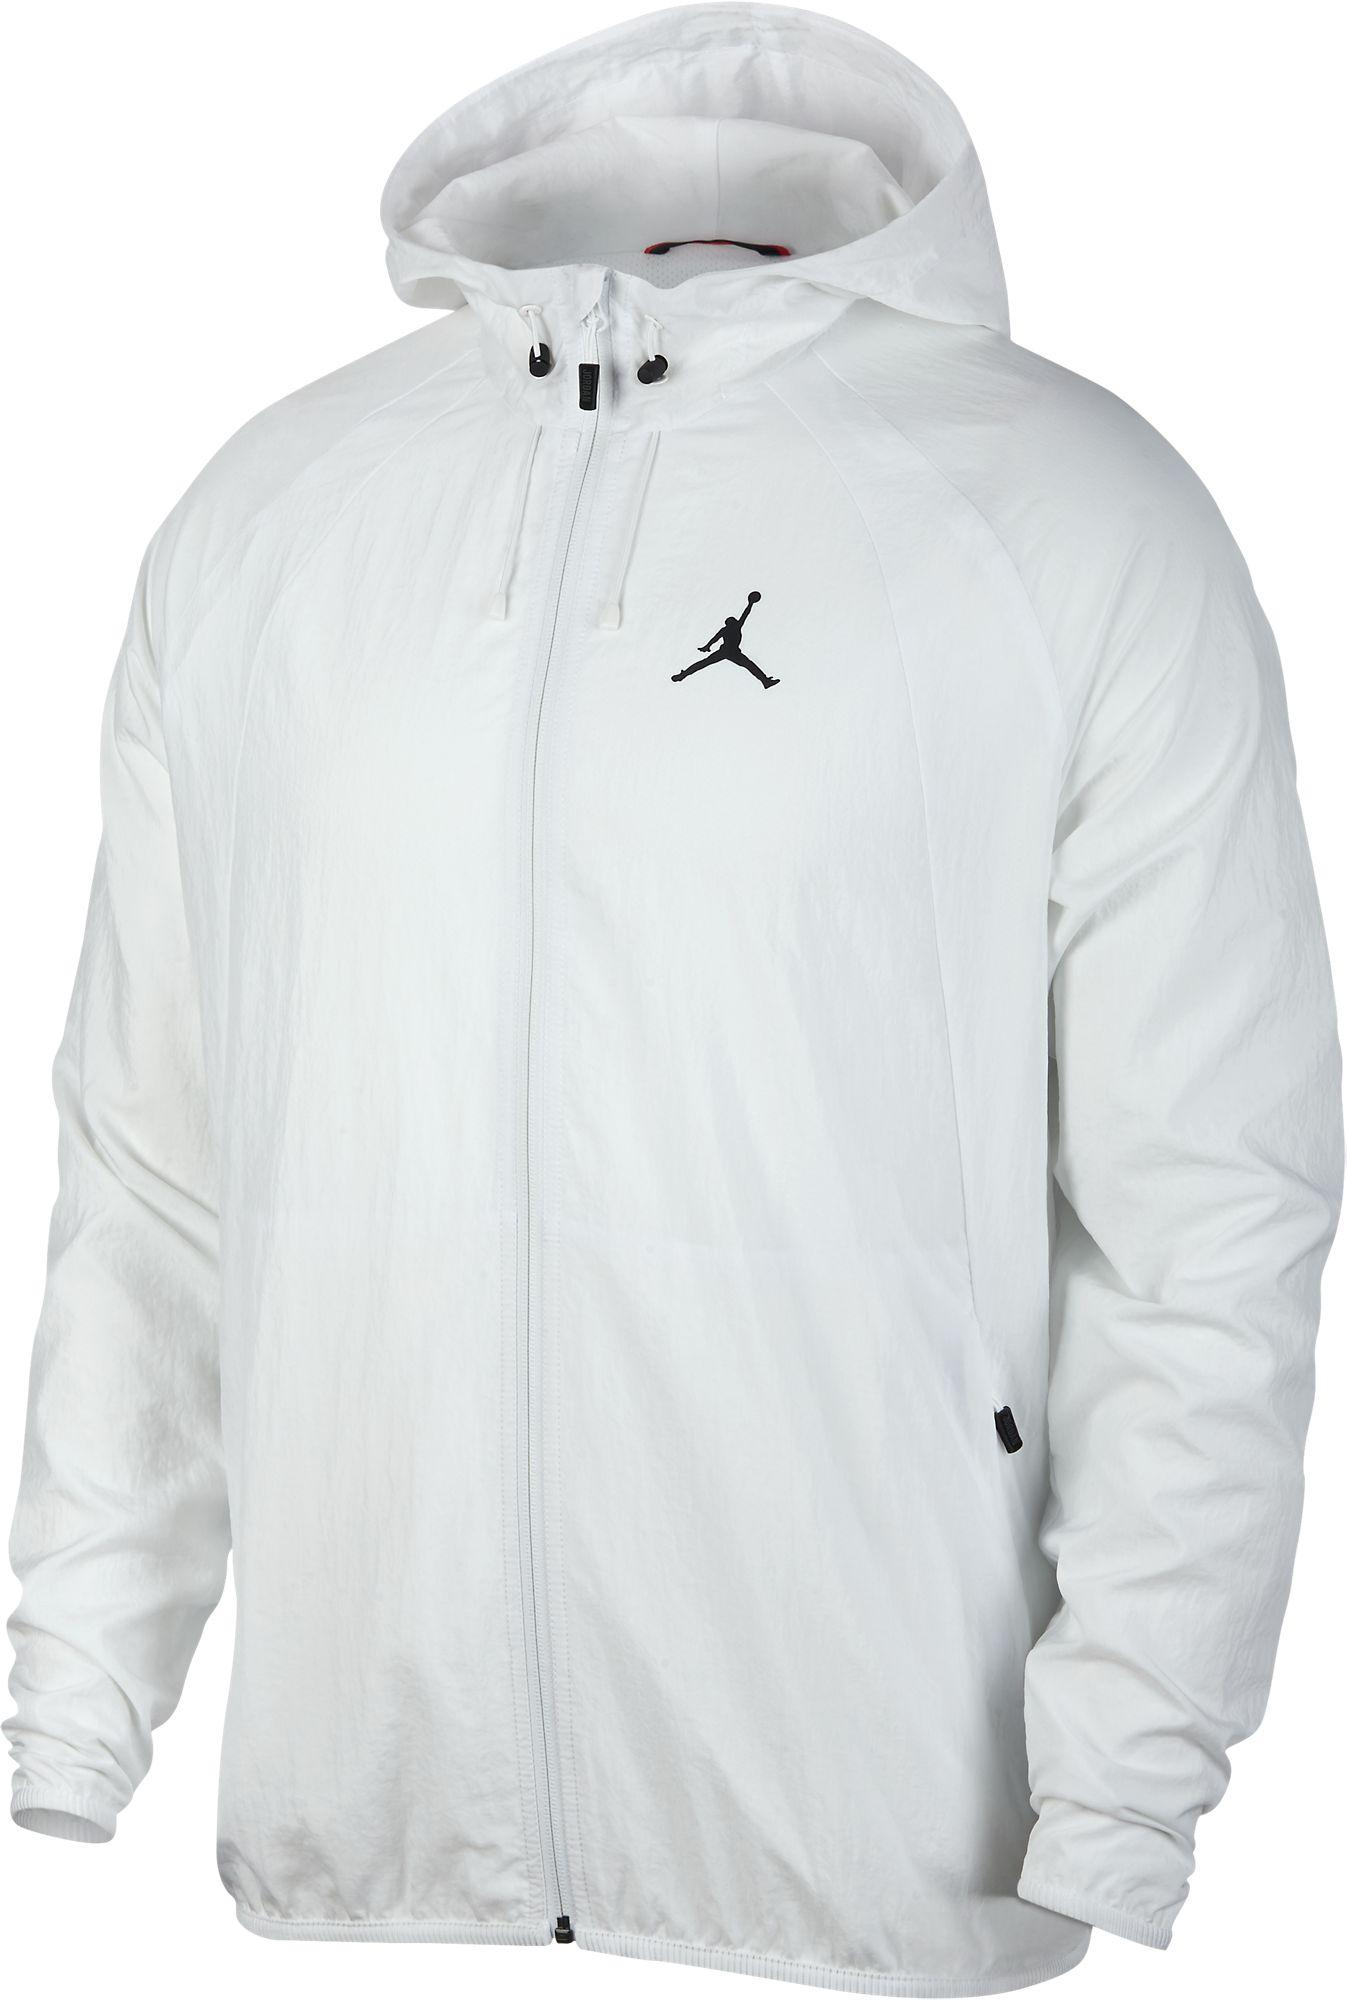 b91cf105b8d Details about Jordan Sportswear Wings Windbreaker Men's Athletic Jacket  White/Black 894228-121